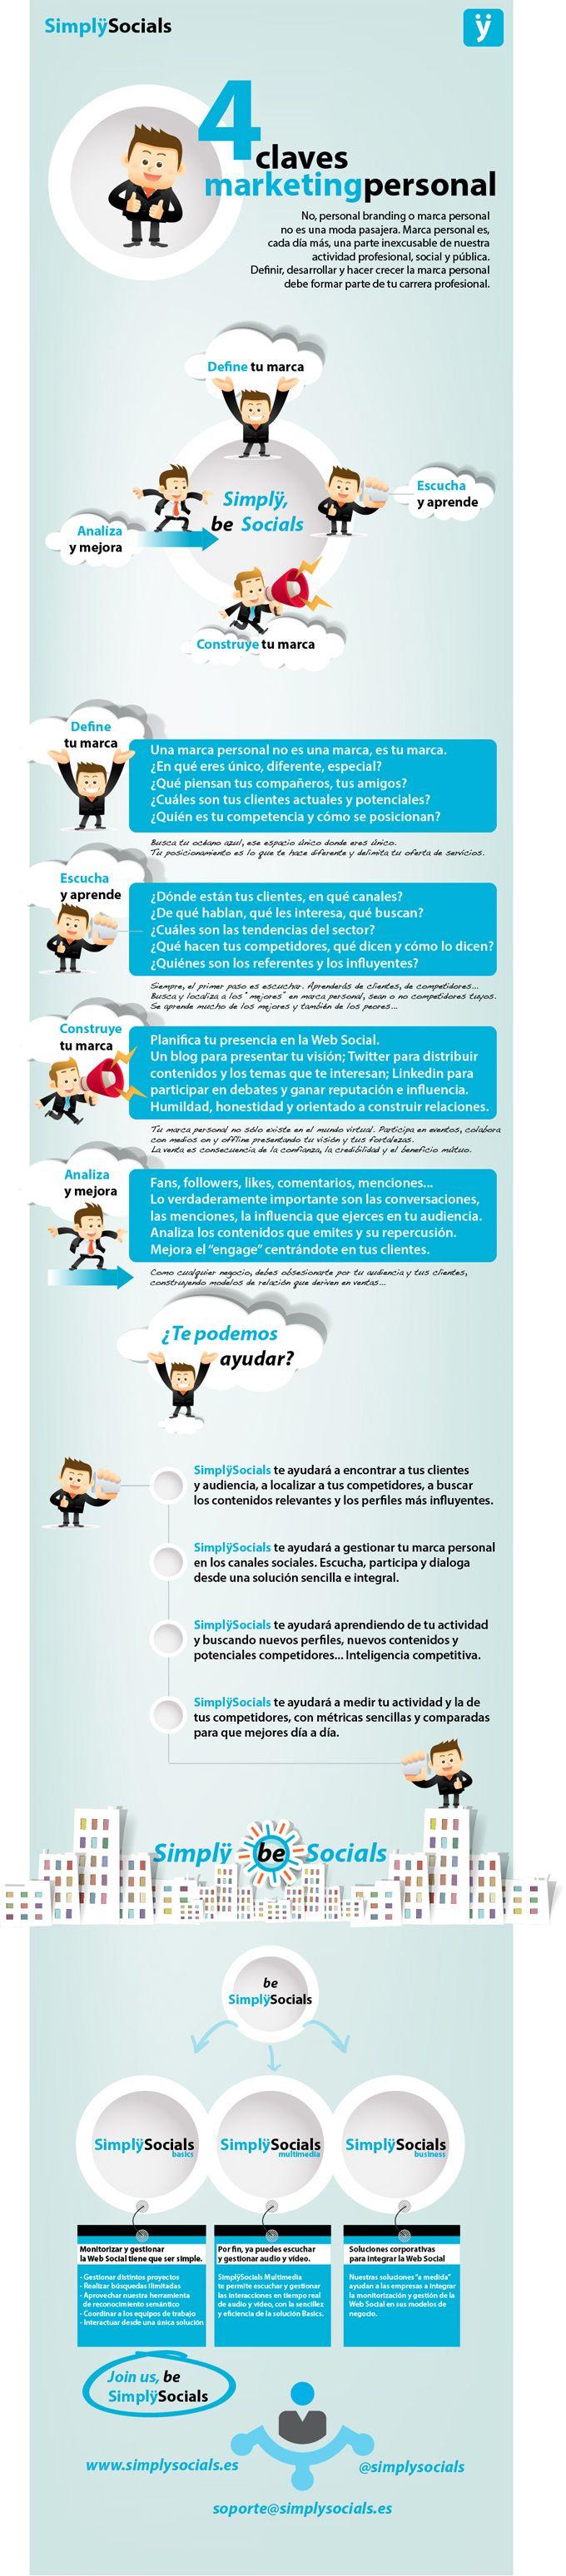 4 claves para el marketing personal. #Infografía en español